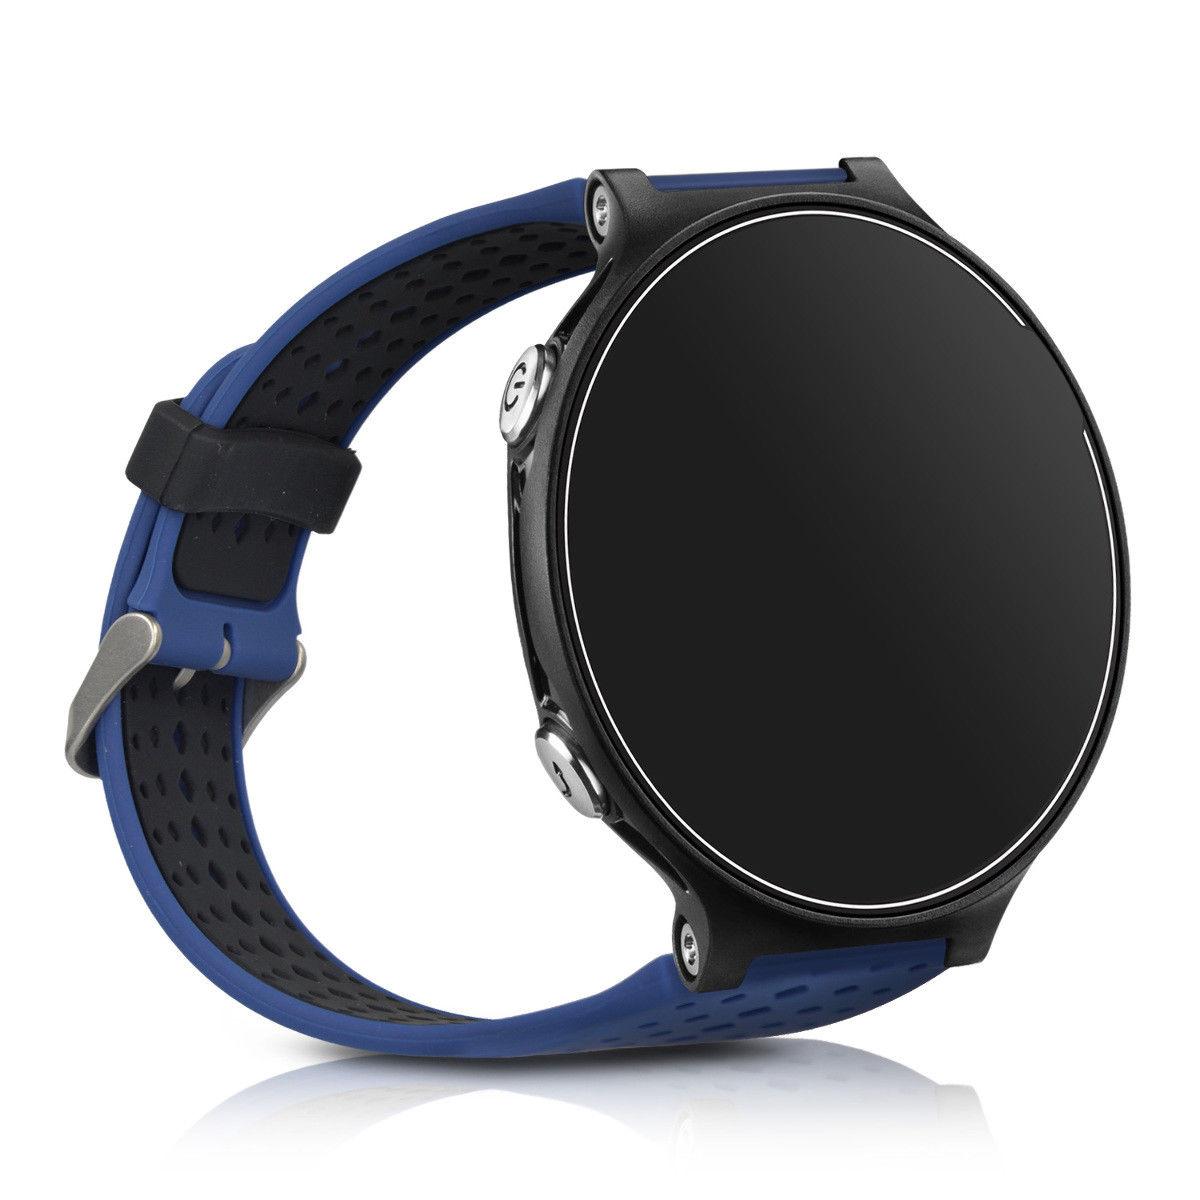 Náhradní řemínek pro Garmin Forerunner 235 modro - černý